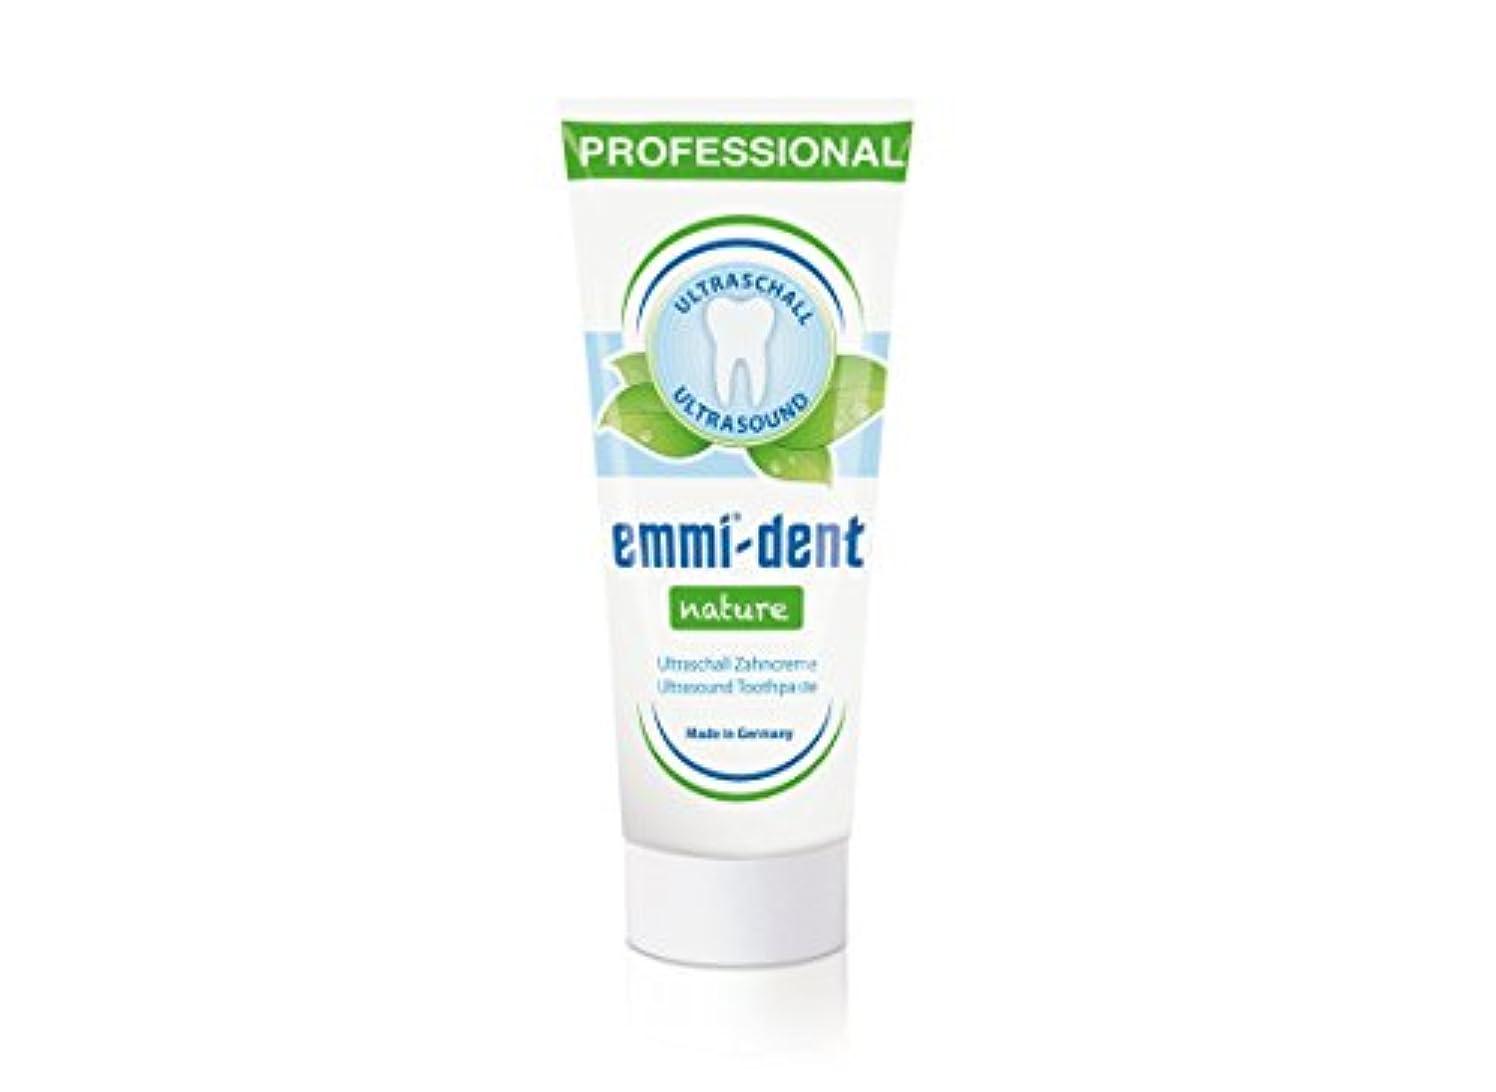 シャンパンテンション農場Emmi−dent(エミデント) 超音波歯ブラシ専用 歯磨きペースト エミデント ネイチャー 75g